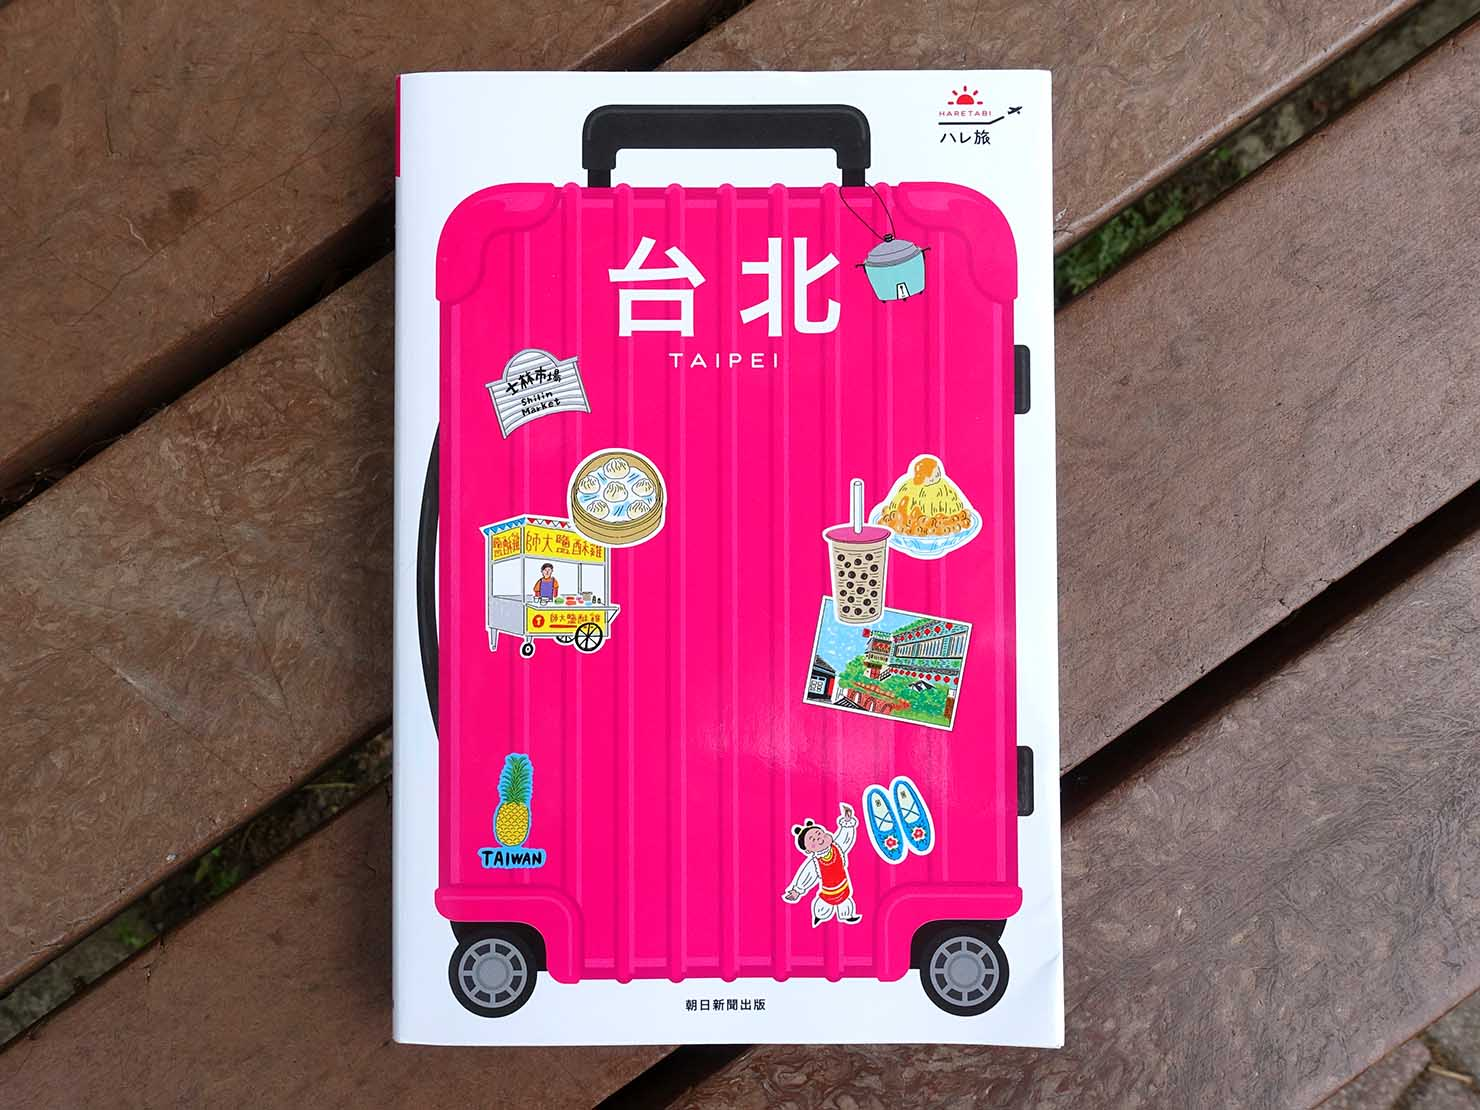 台北旅行におすすめのガイドブック『ハレ旅 台北』